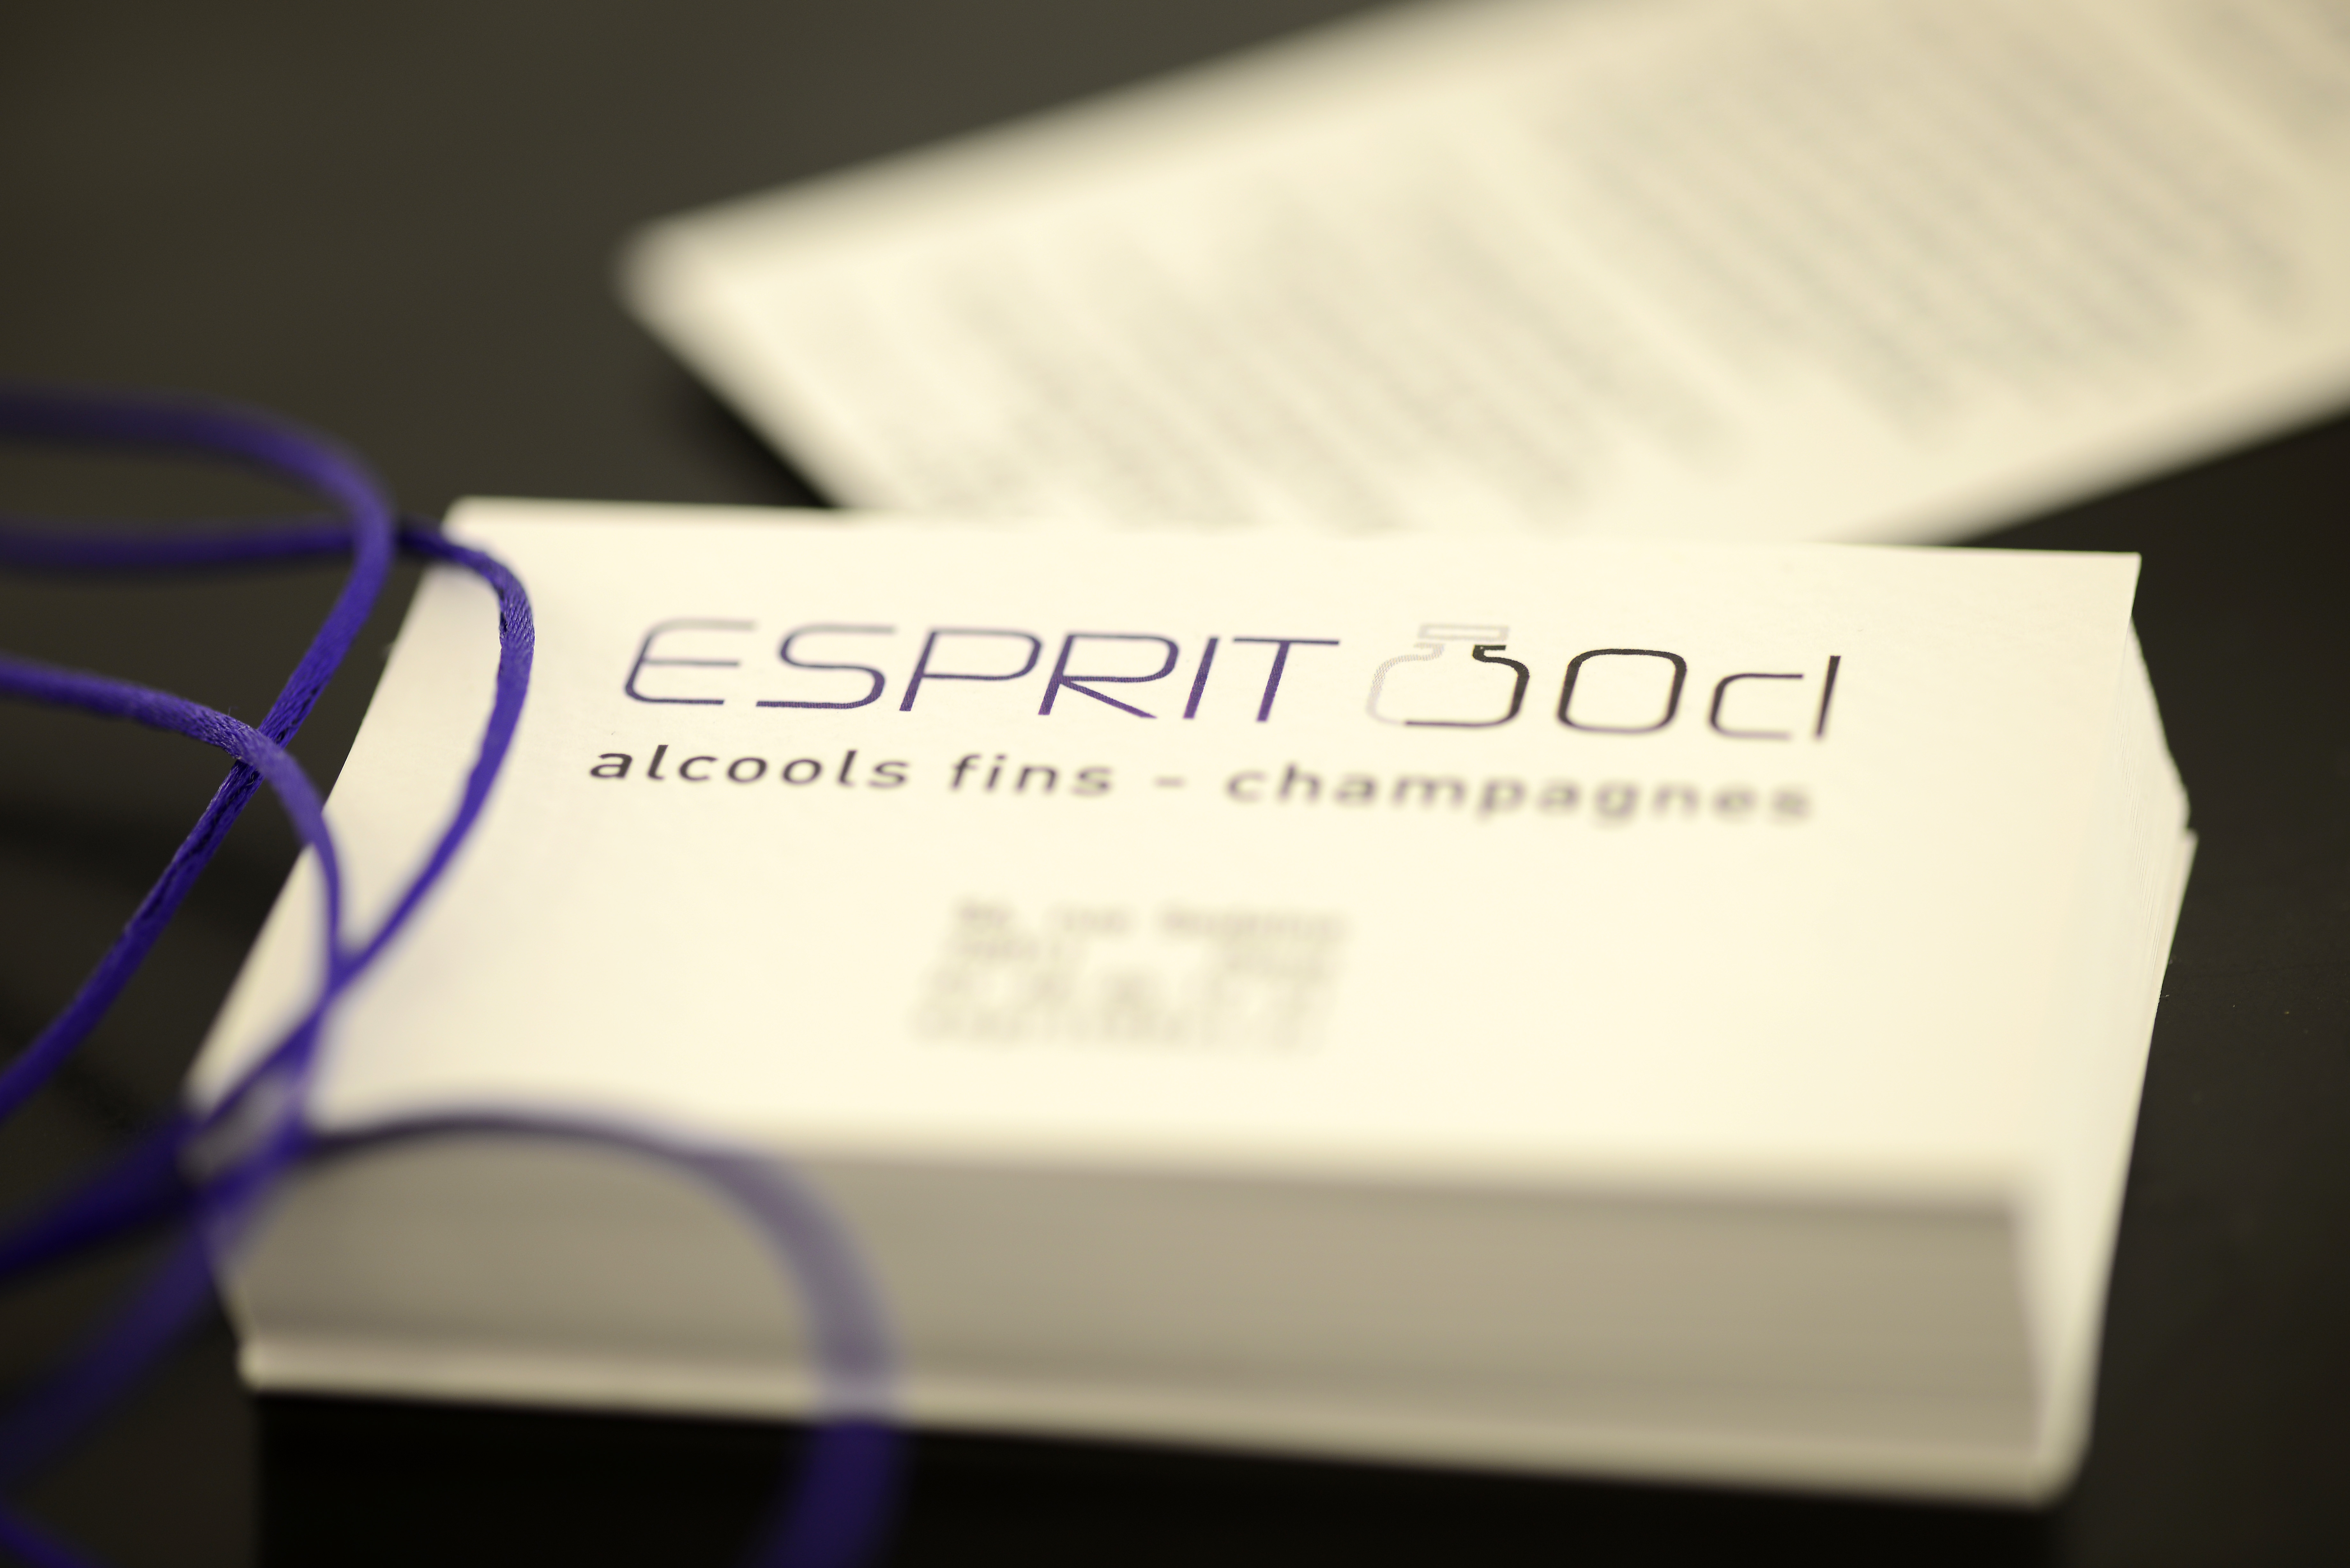 esprit50cl-AC-Boutique9525